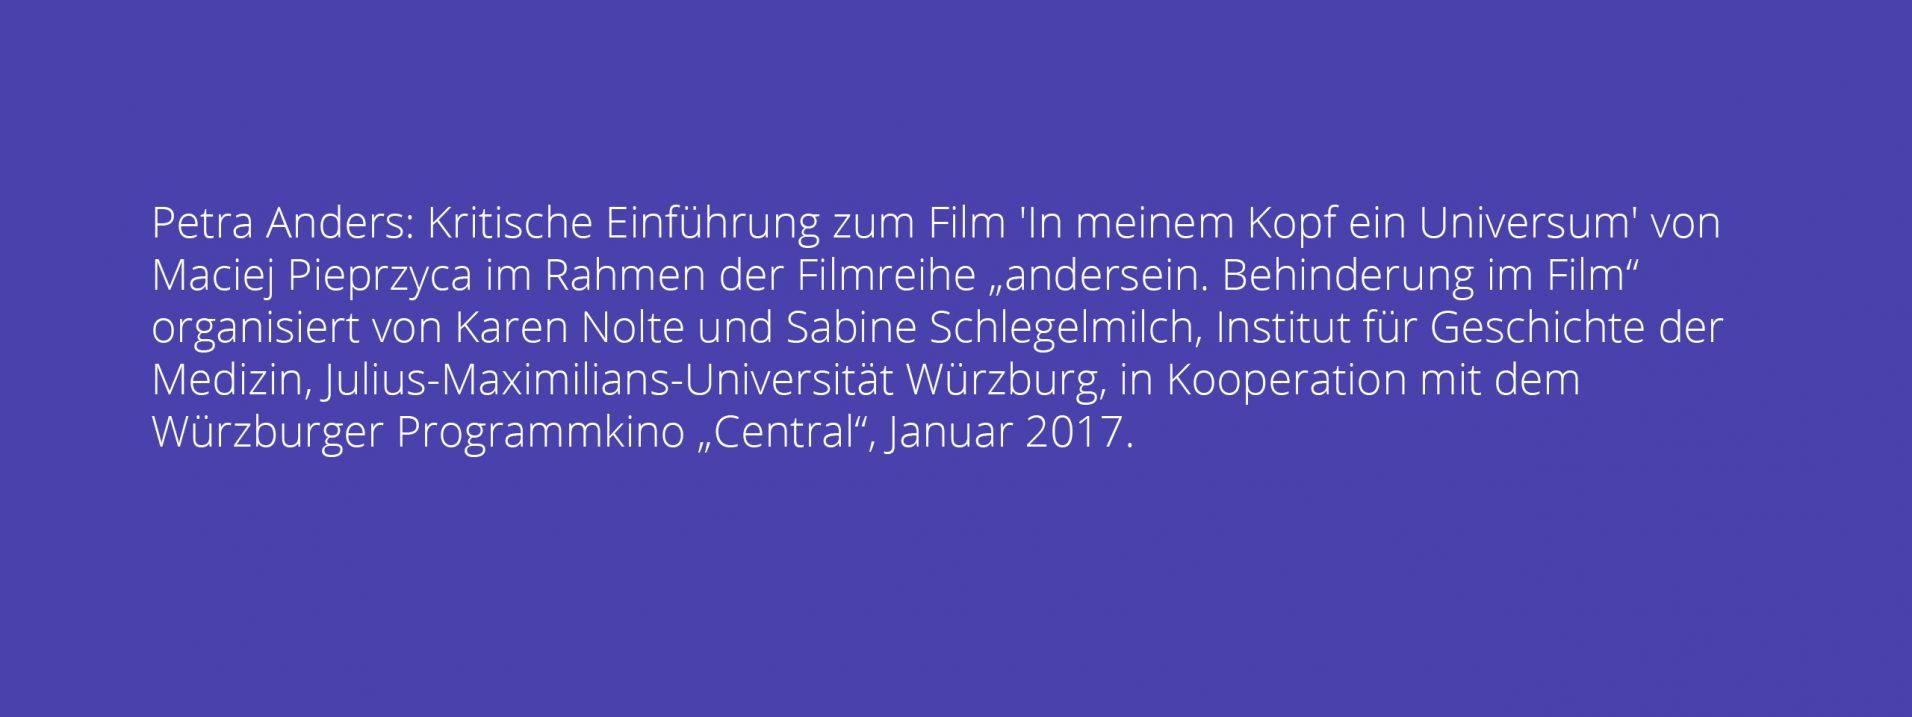 Petra Anders: Kritische Einführung zum Film 'In meinem Kopf ein Universum' von Maciej Pieprzyca